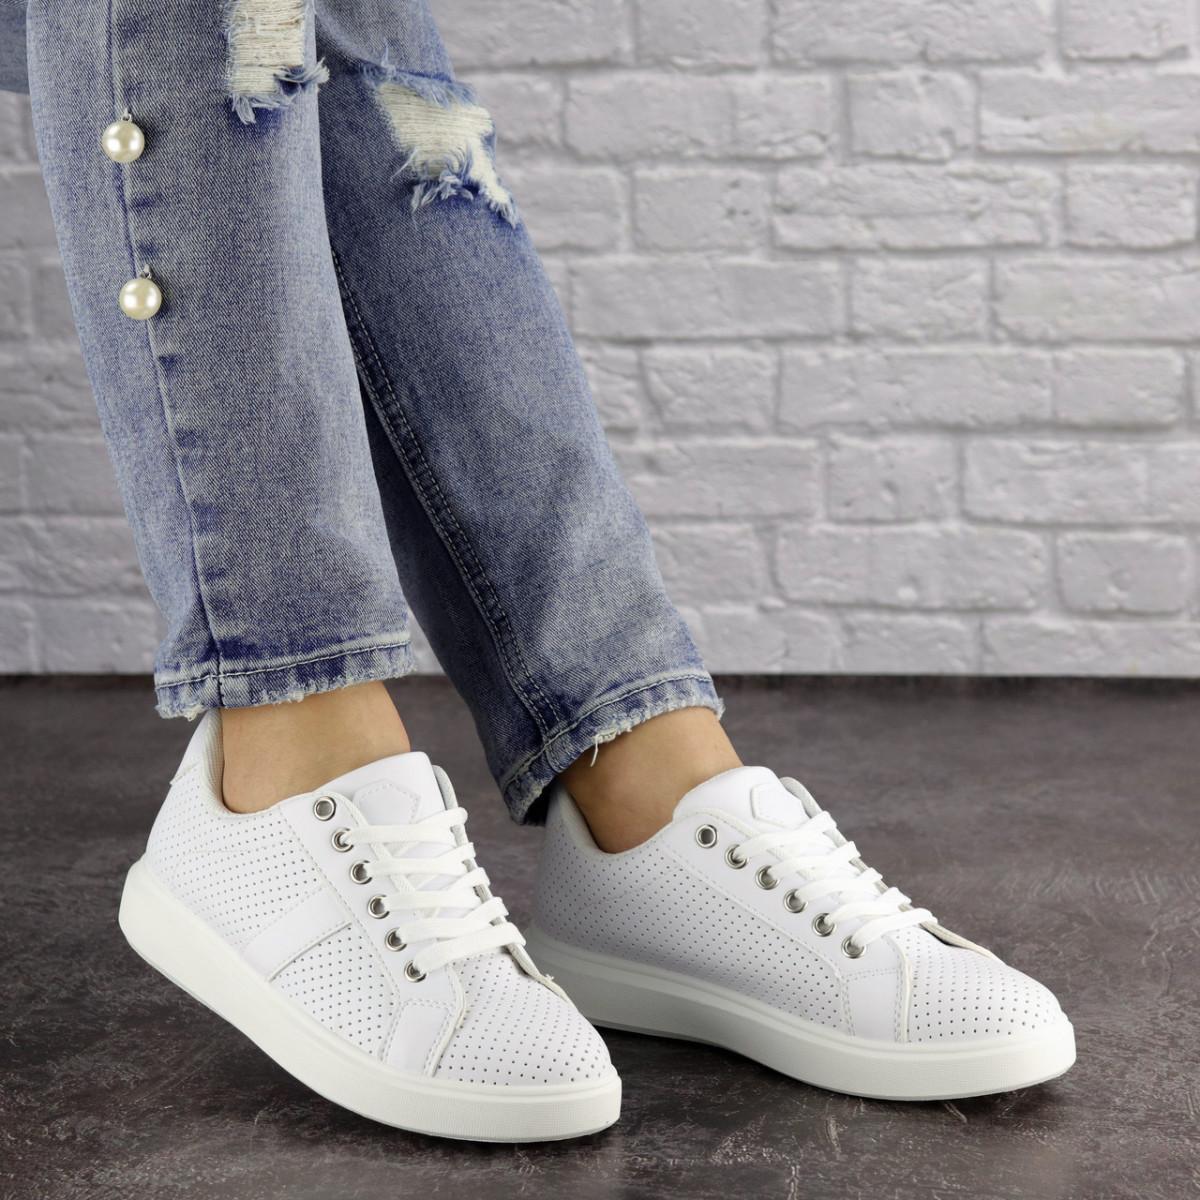 Женские белые кроссовки Jenna 1635 (36 размер)